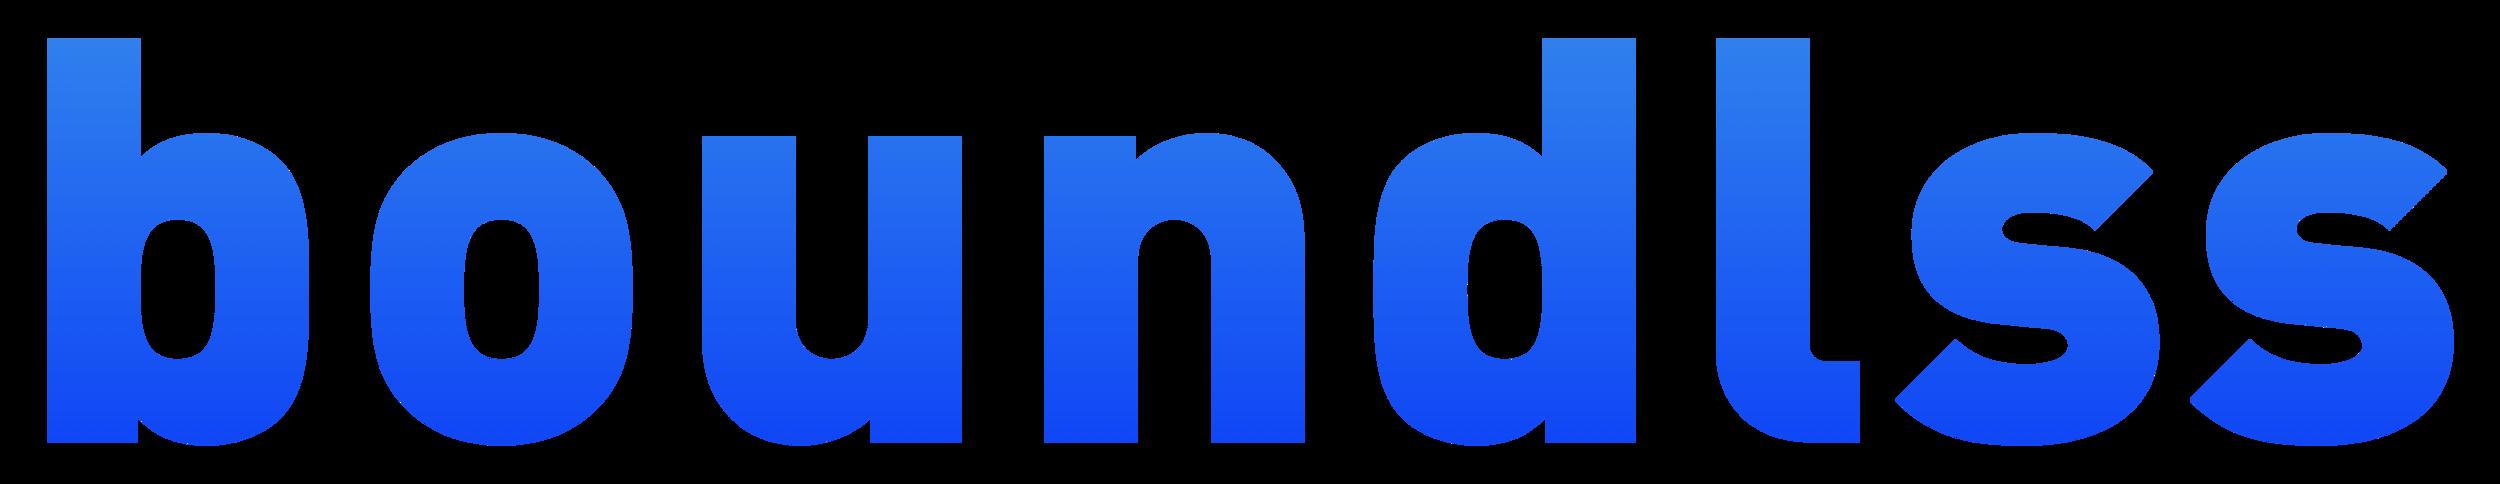 boundlss_logo_transparent@2x.png